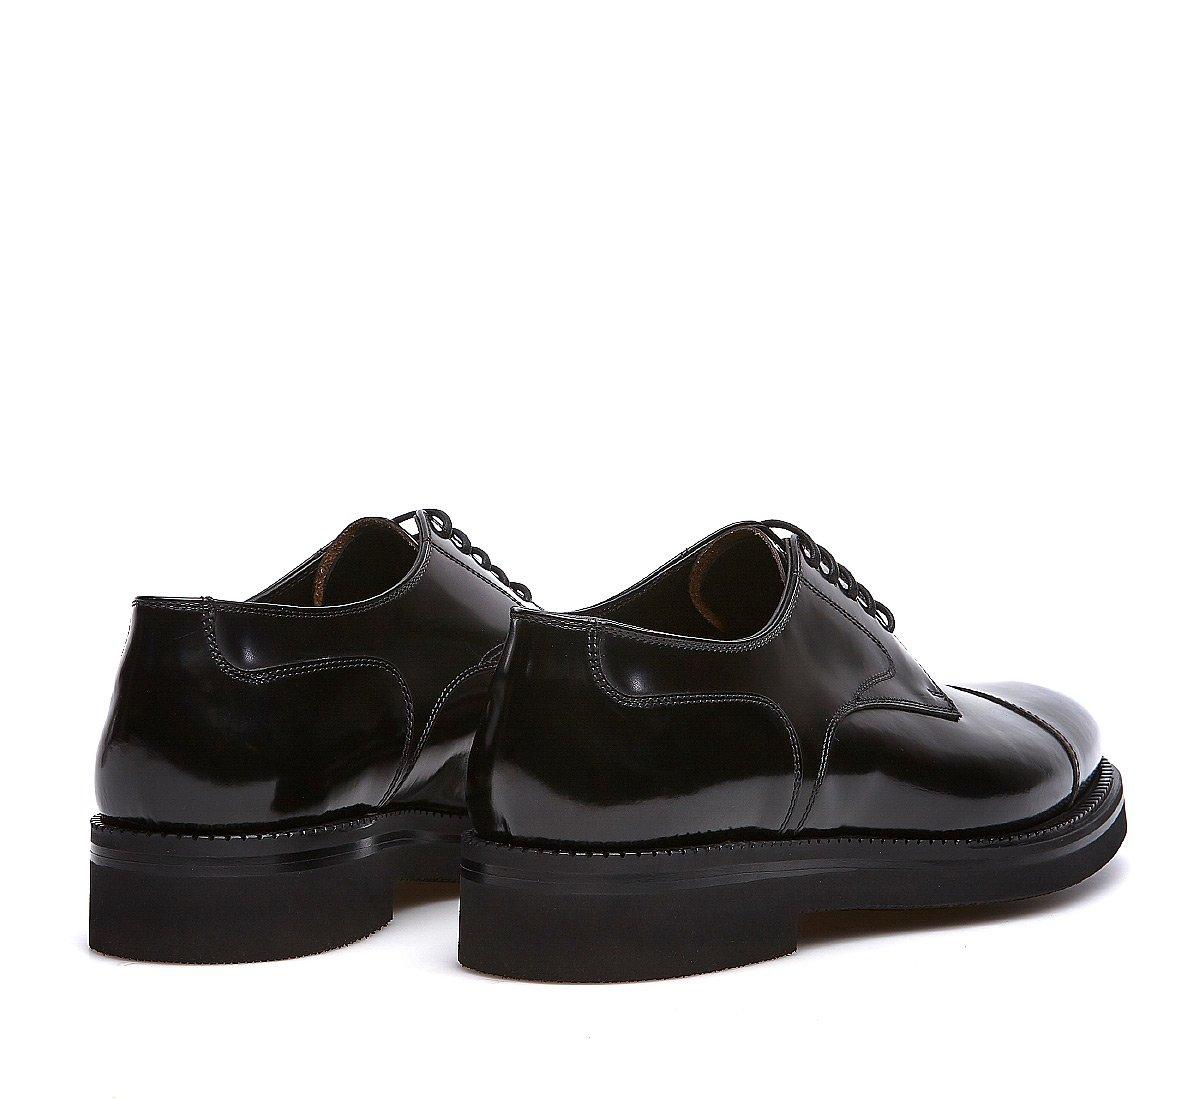 Classic Fabi derby in calf leather